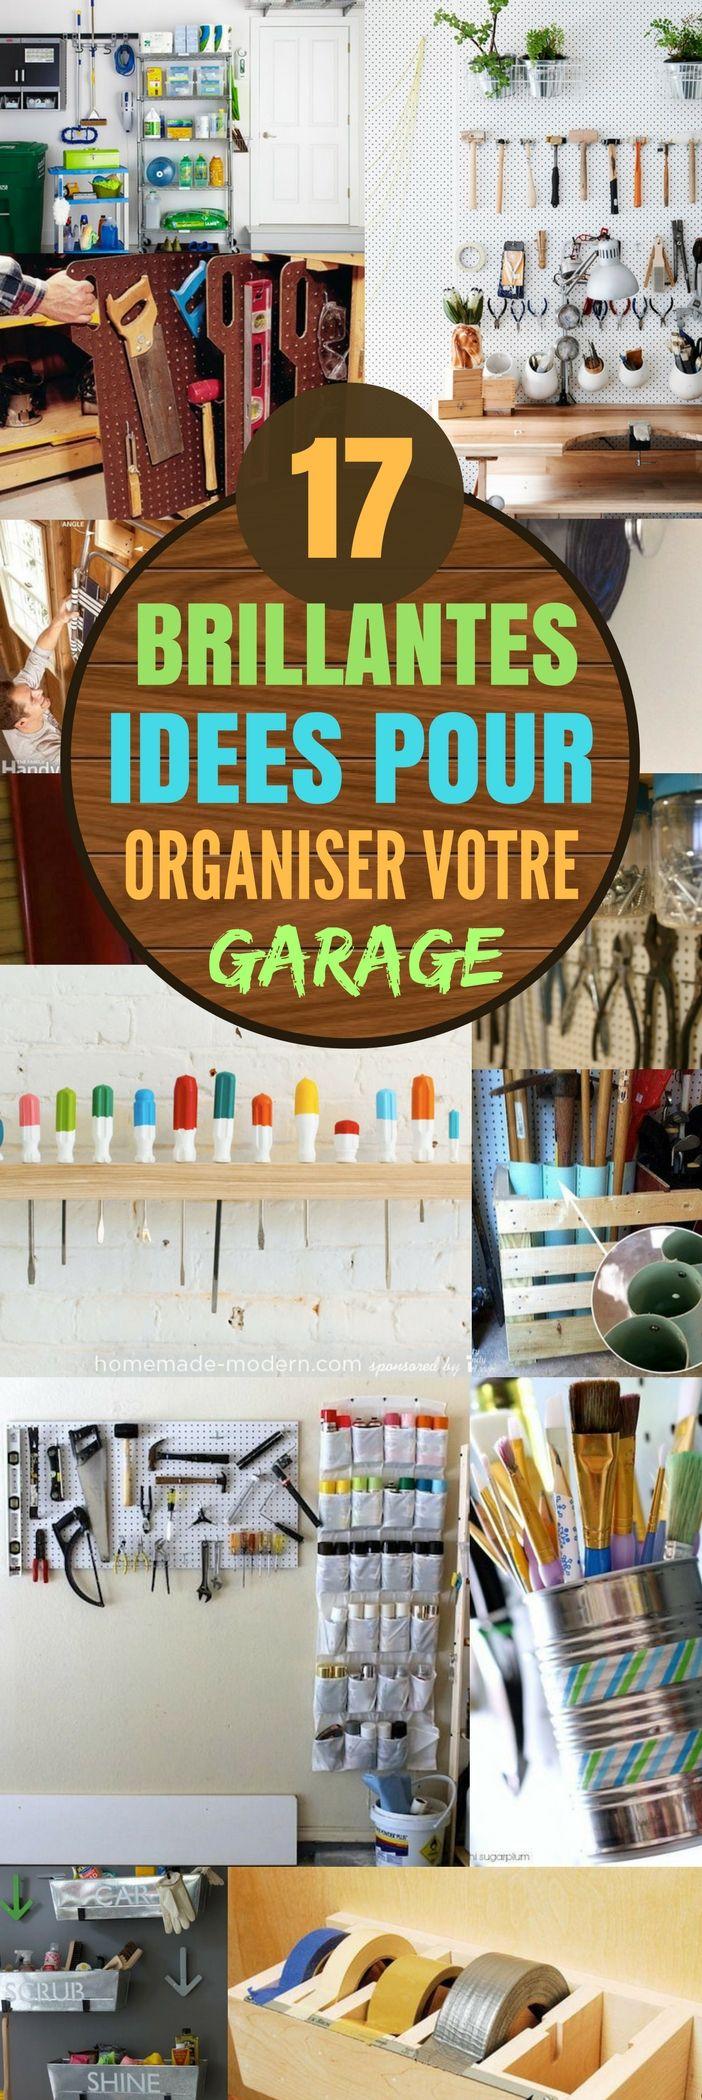 Les garages c'est souvent…comment dire…juste très mal organisé. Et le mien n'est pas différent ! On a l'impression qu'il y a tellement de choses dedans que c'est impossible de tout nettoyer et ranger !  Mais en parcourant le web, j'ai trouvé des idées vraiment géniales pour organiser très facilement son garage ! Essayez-en quelques-unes, et votre garage sera fonctionnel en un rien de temps. Bonne chance ! #garage #astuces #trucs #trucsetastuces #rangement #organisation #idéesinterieur